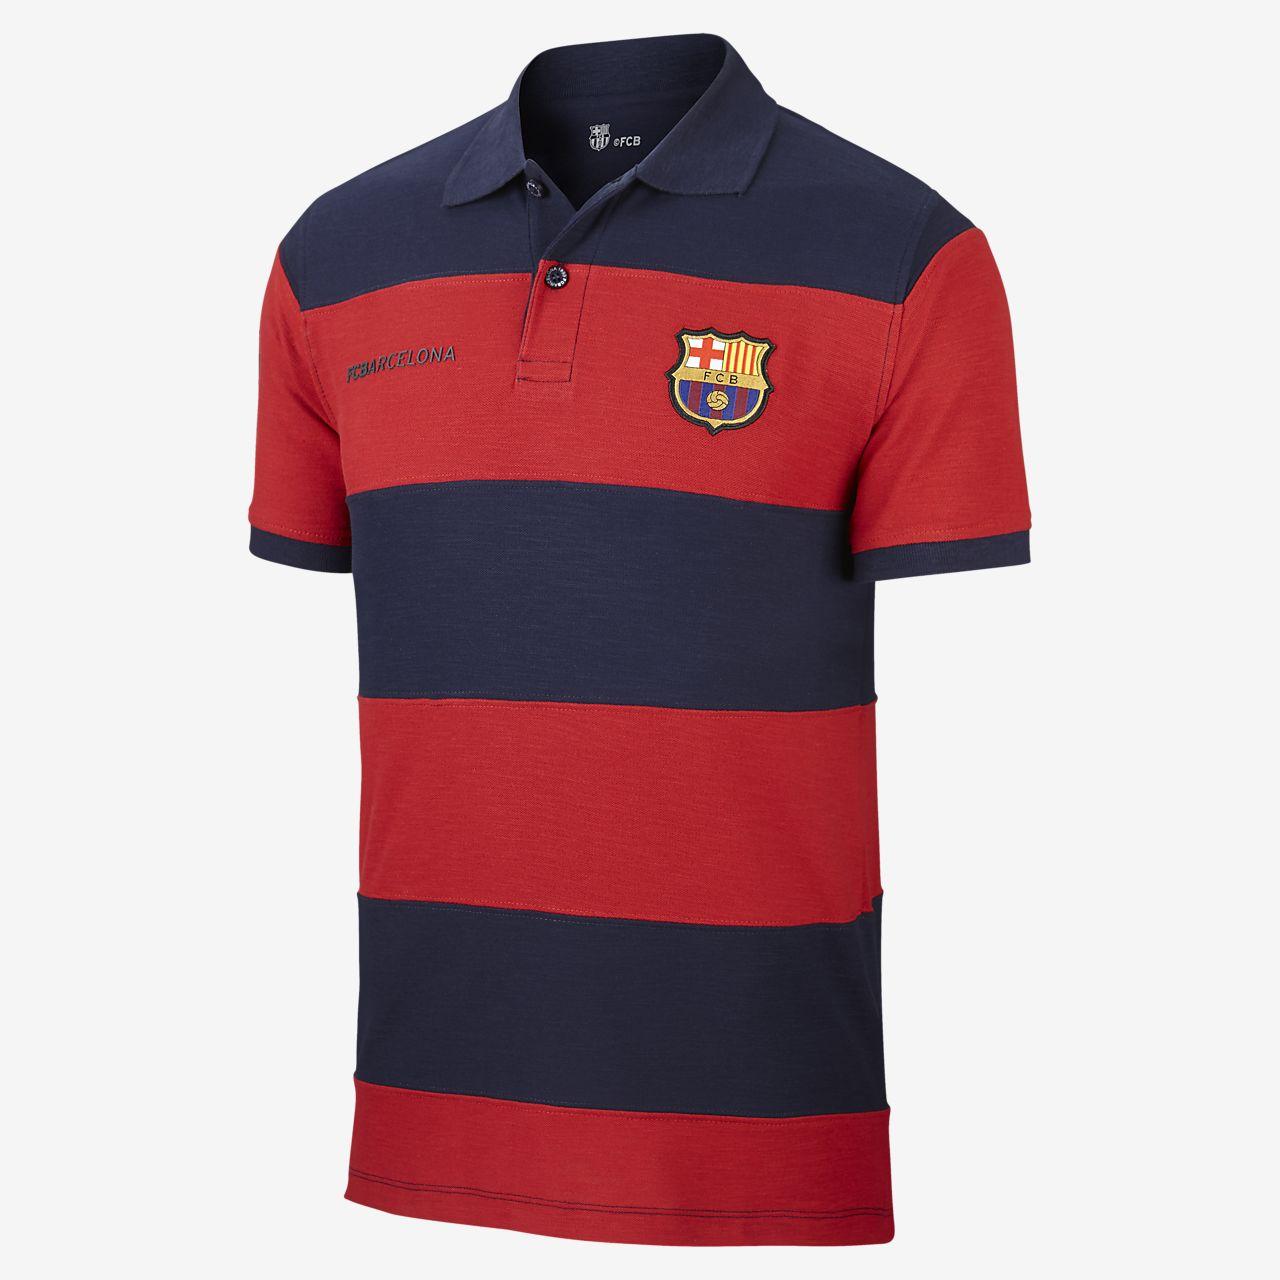 7e05ec6a36ab Ανδρική μπλούζα πόλο FC Barcelona Spirit. Nike.com GR